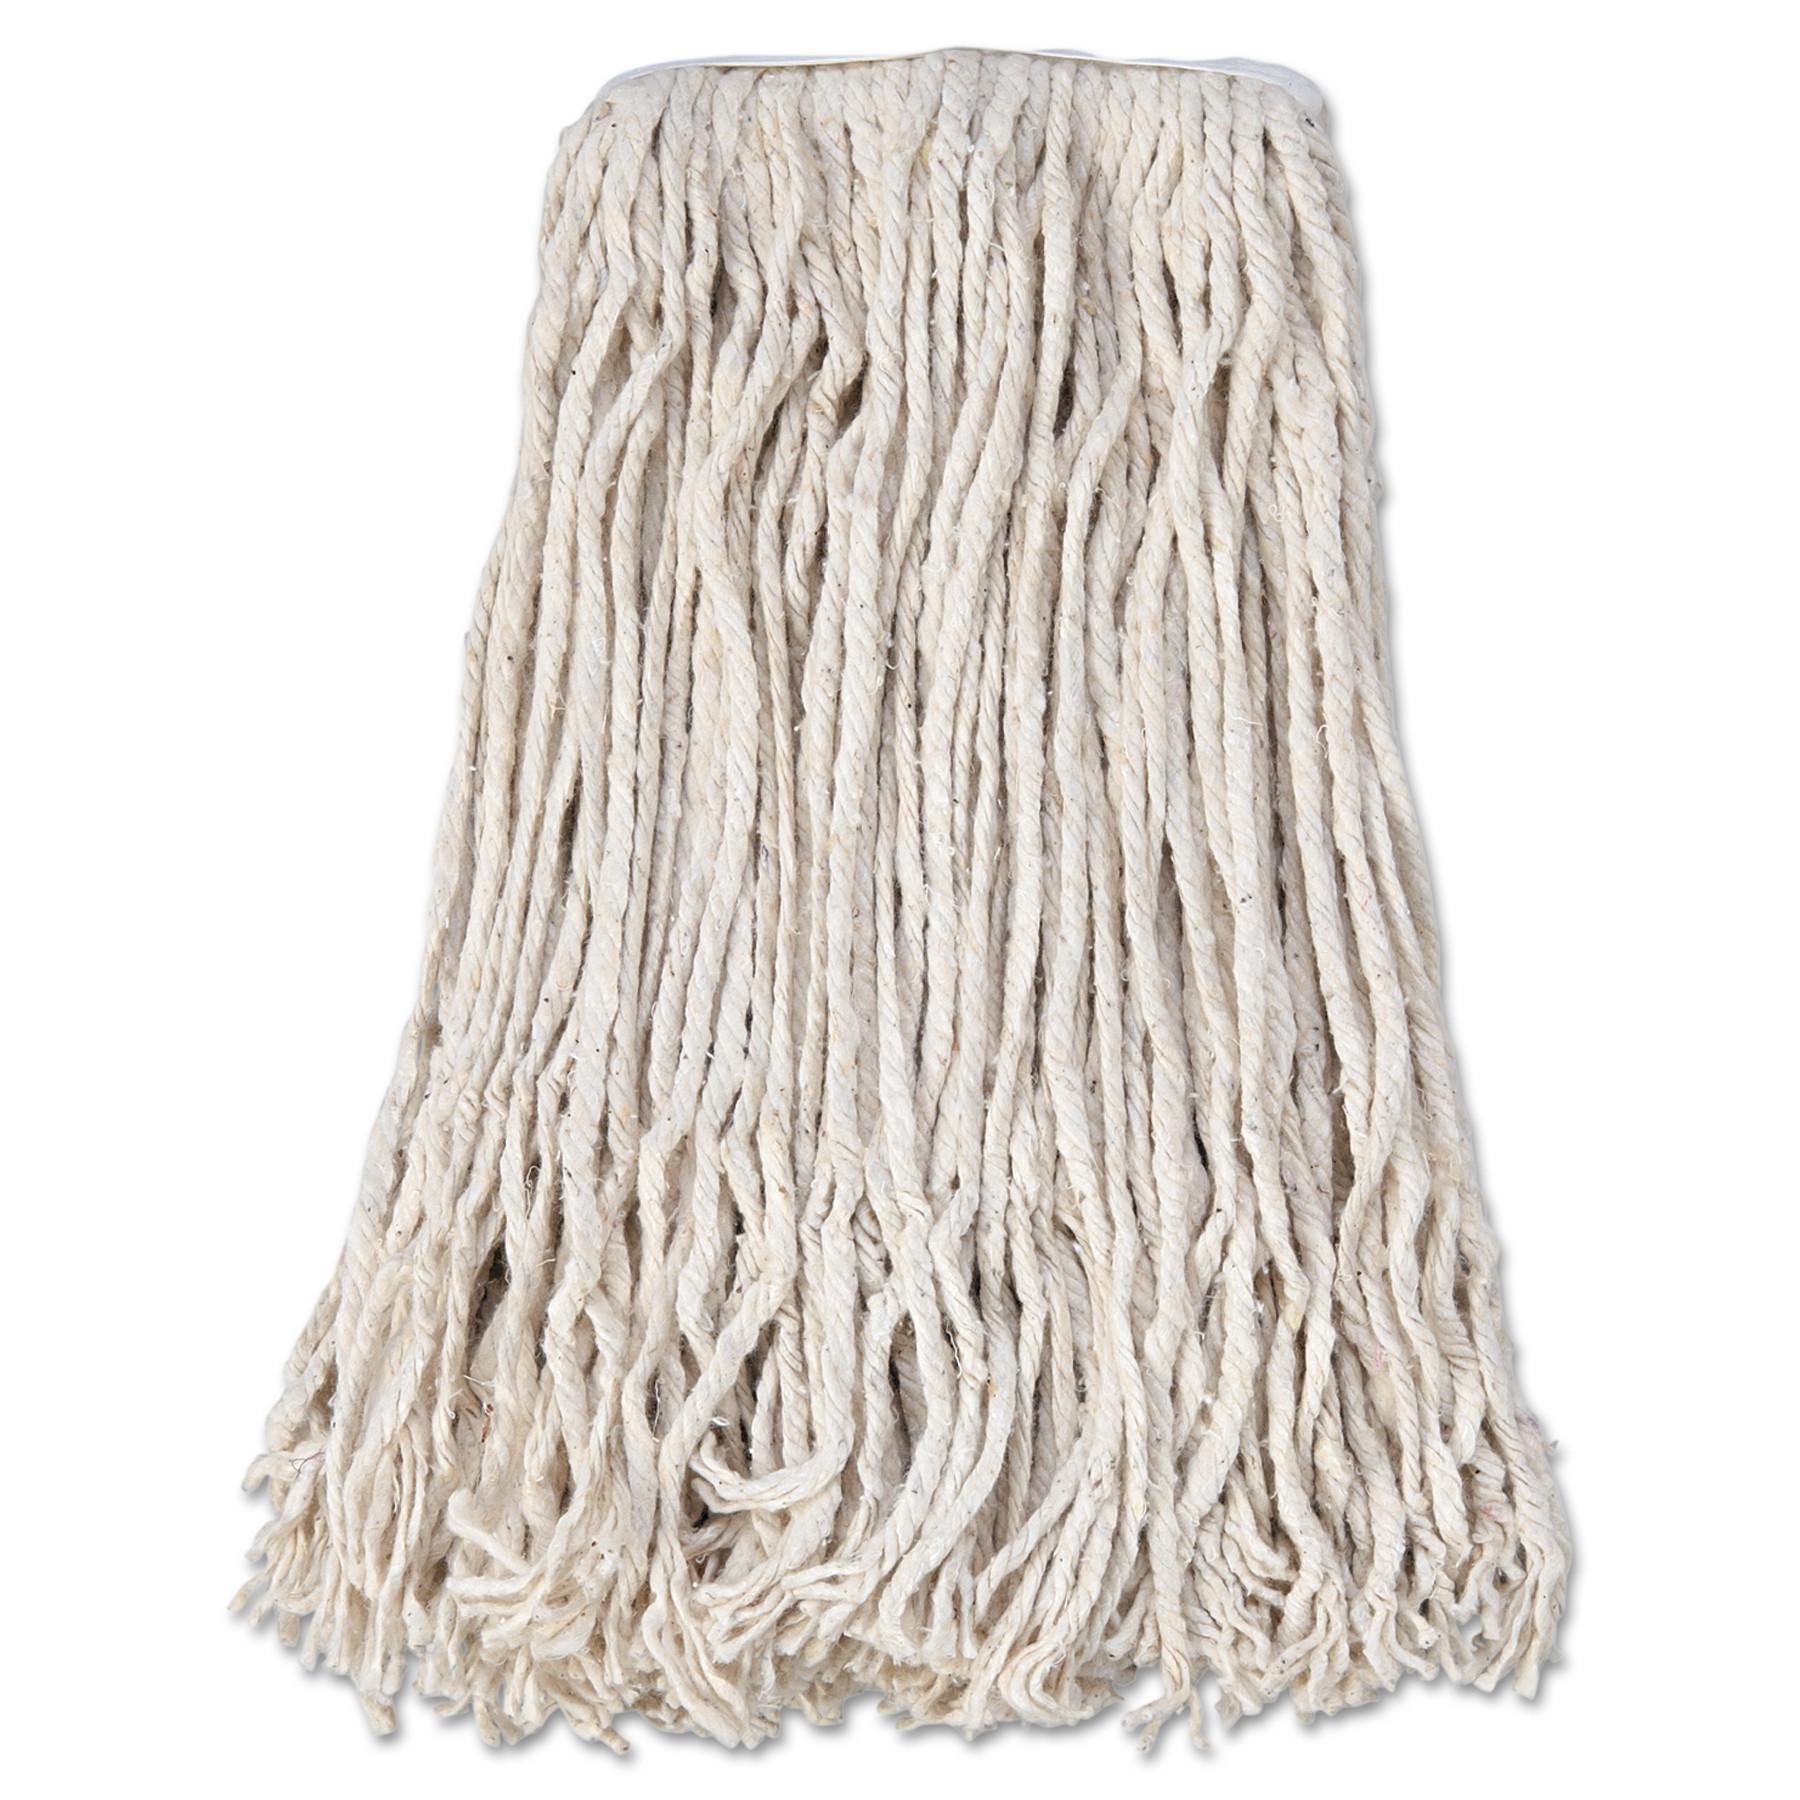 Boardwalk Banded Cotton Mop Heads, 12 count by BOARDWALK